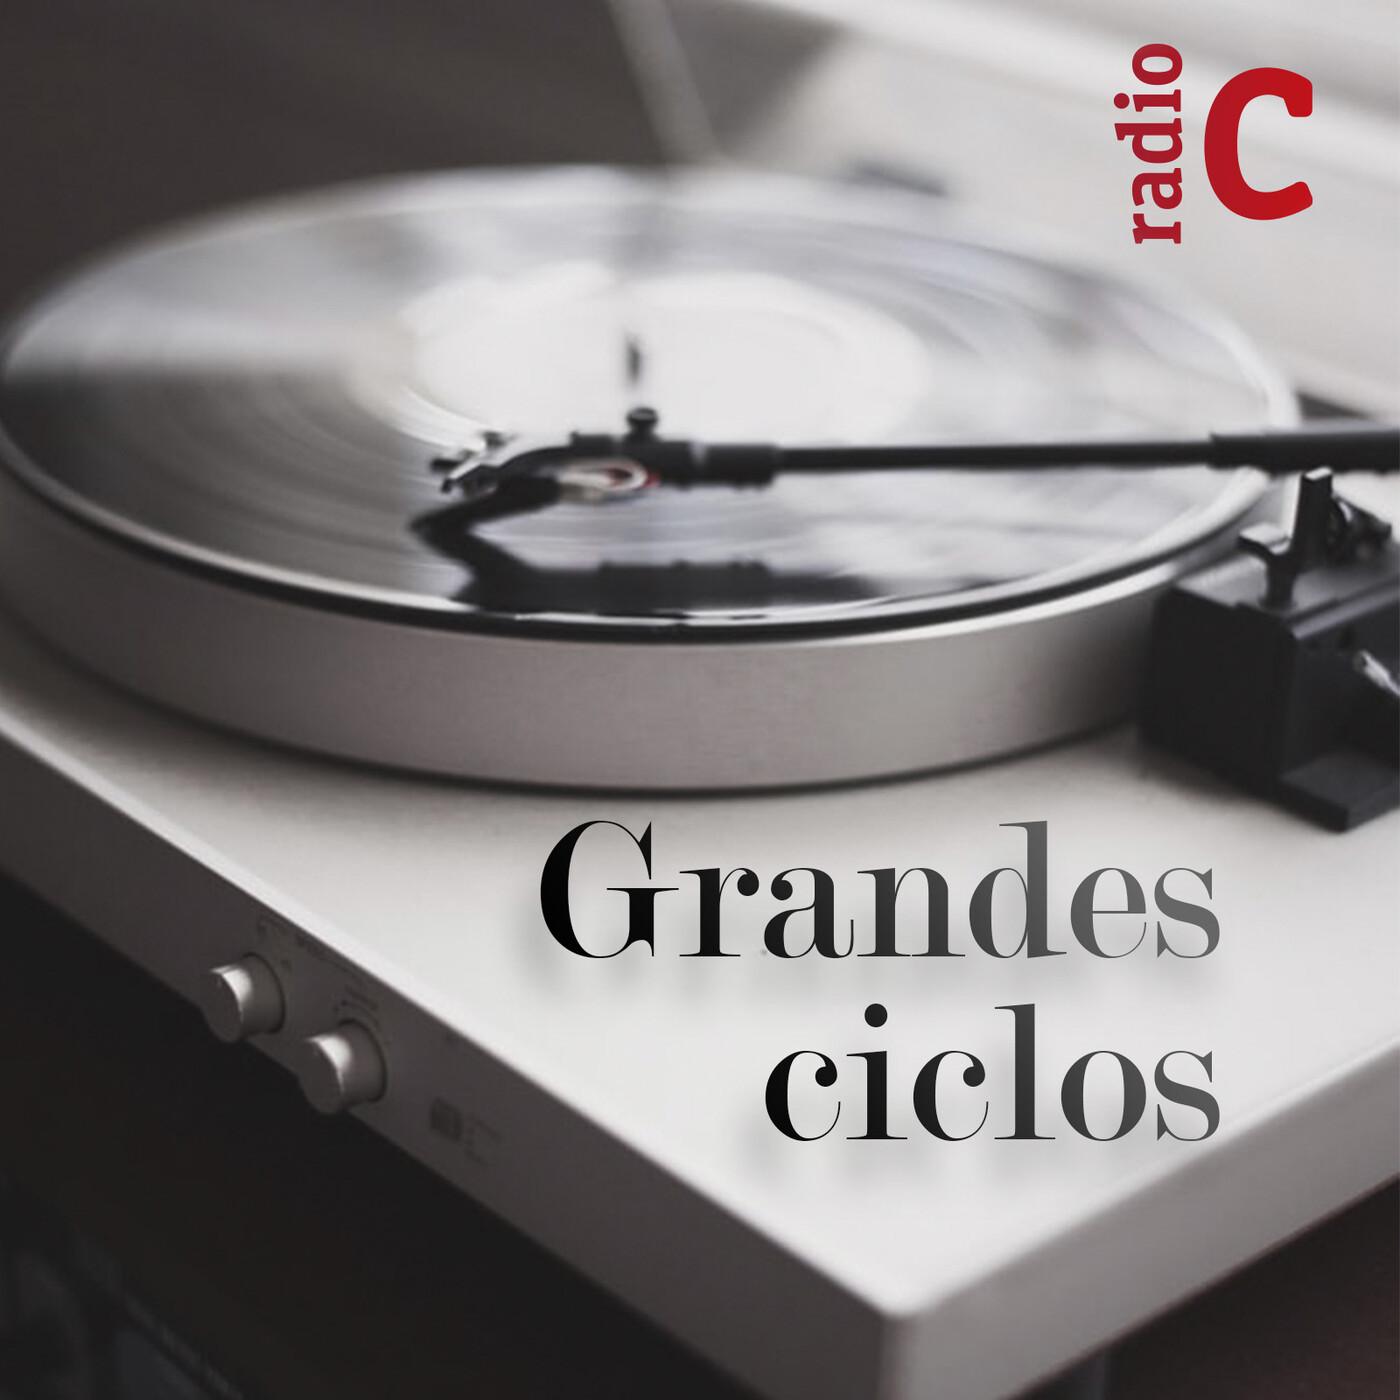 Grandes ciclos - L. van Beethoven (CVIII): Hablamos con Pablo Heras Casado (I) - 20/10/20